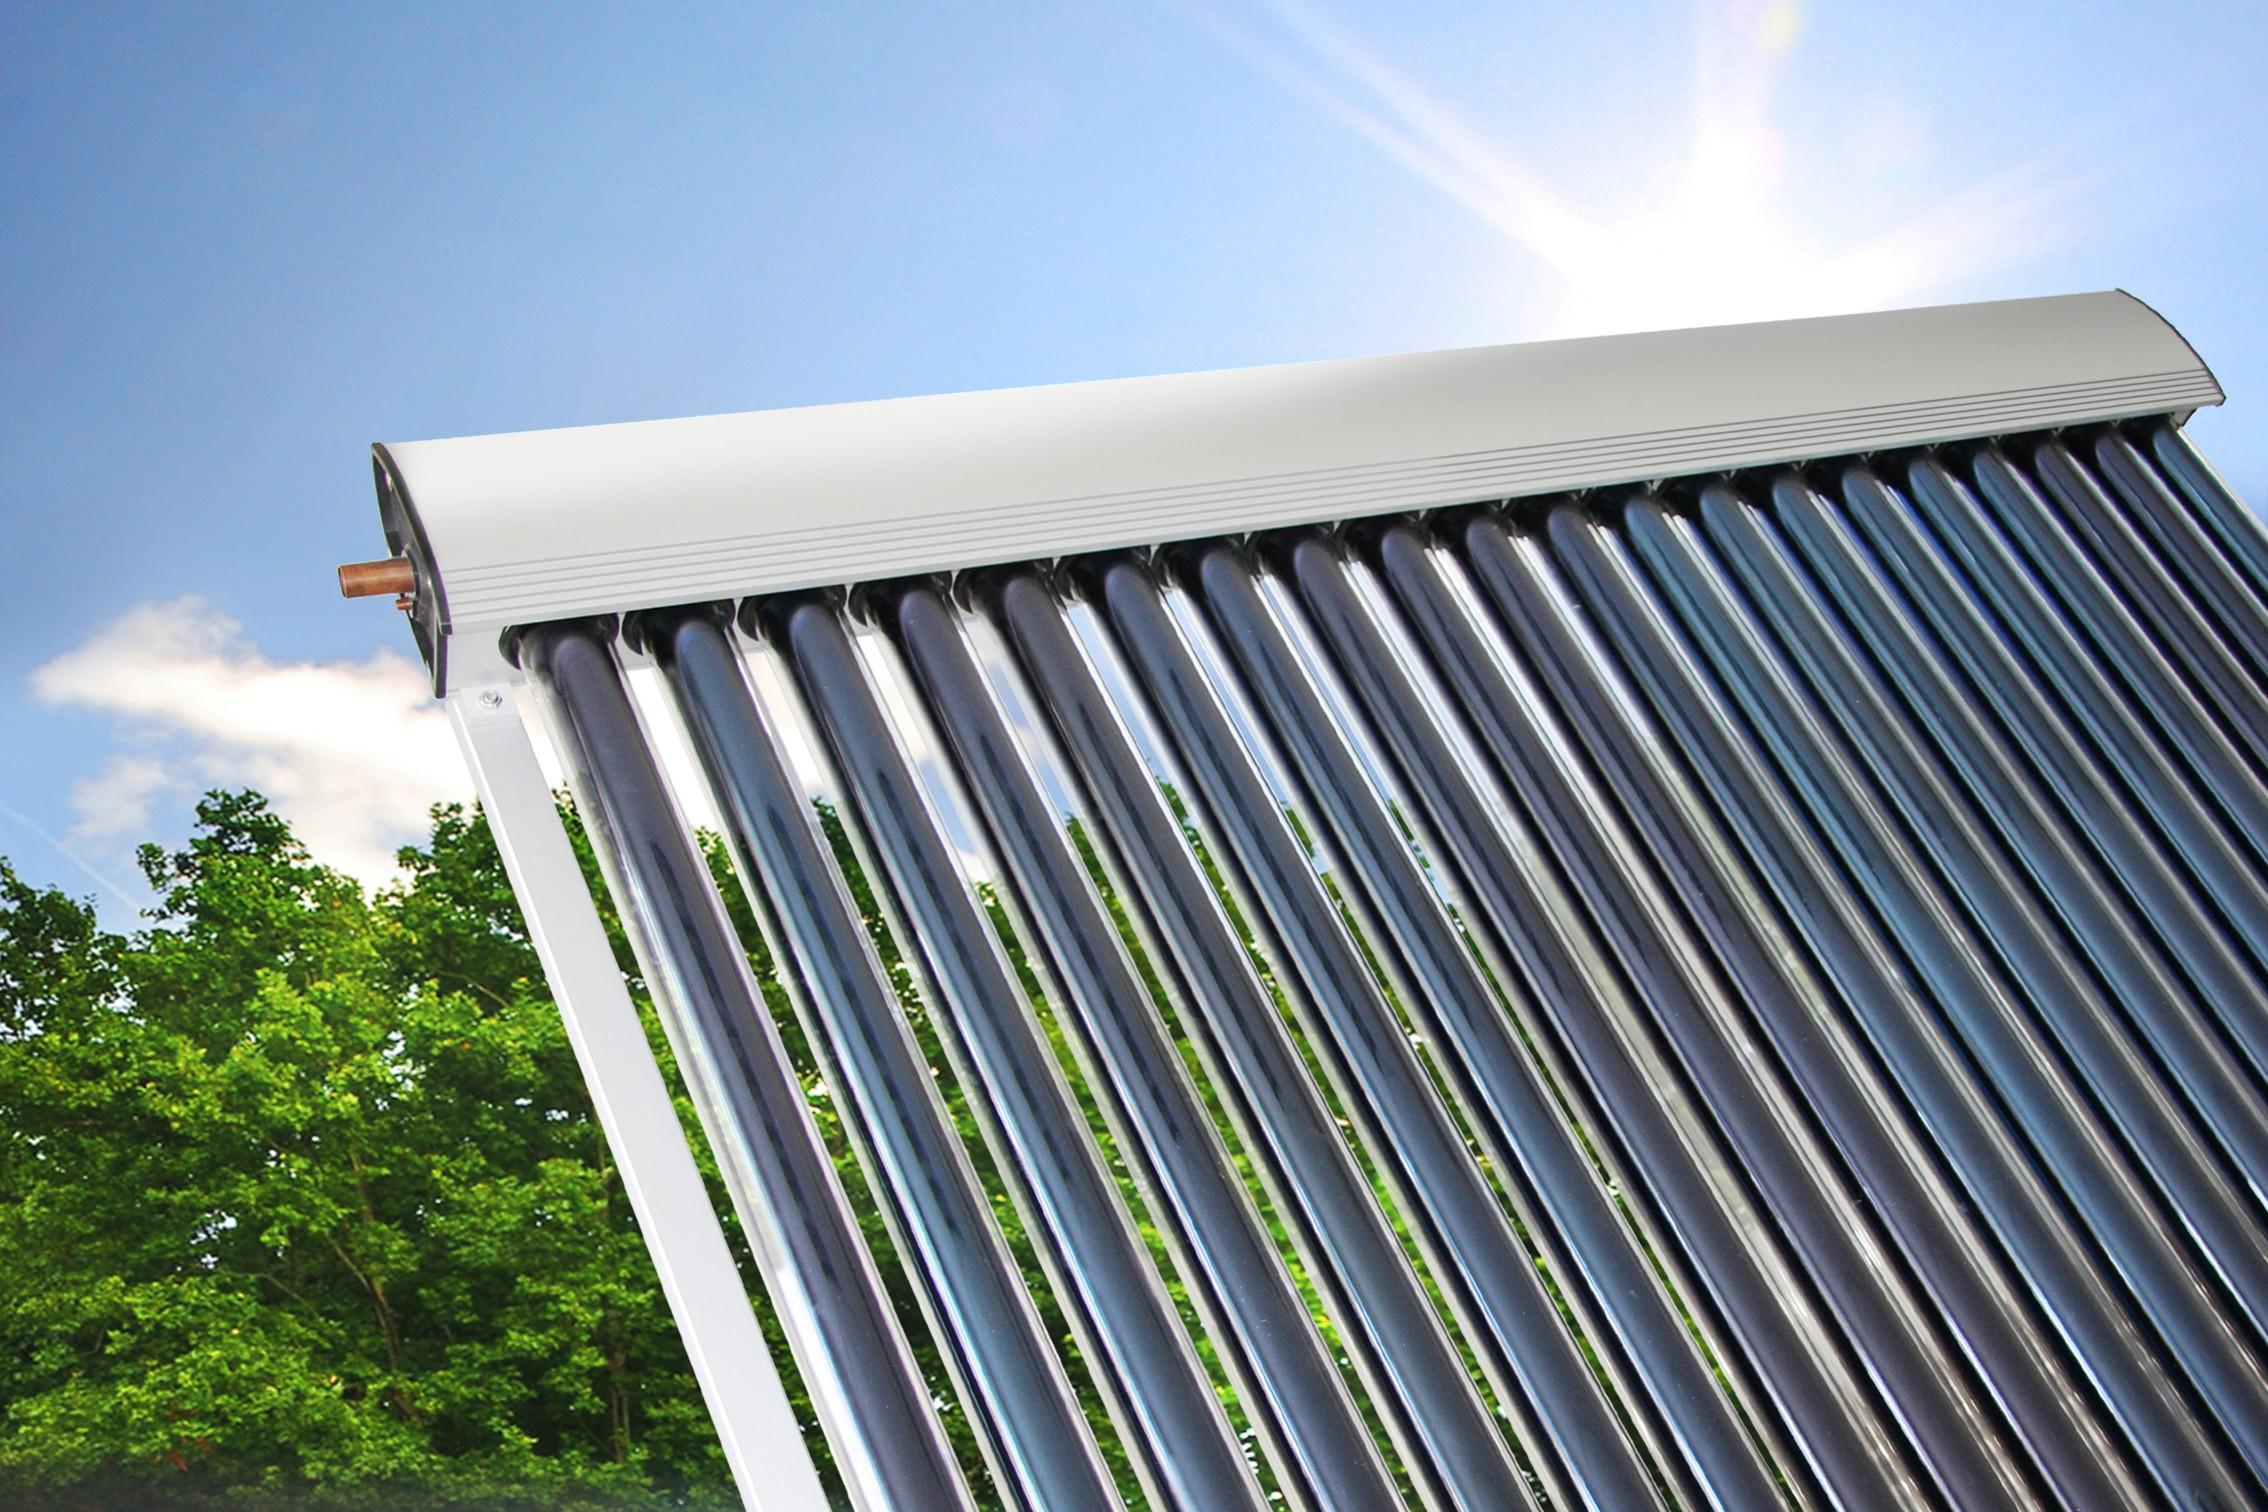 Pannello Solare Termico Detrazione 2018 : Solare termico isolclima